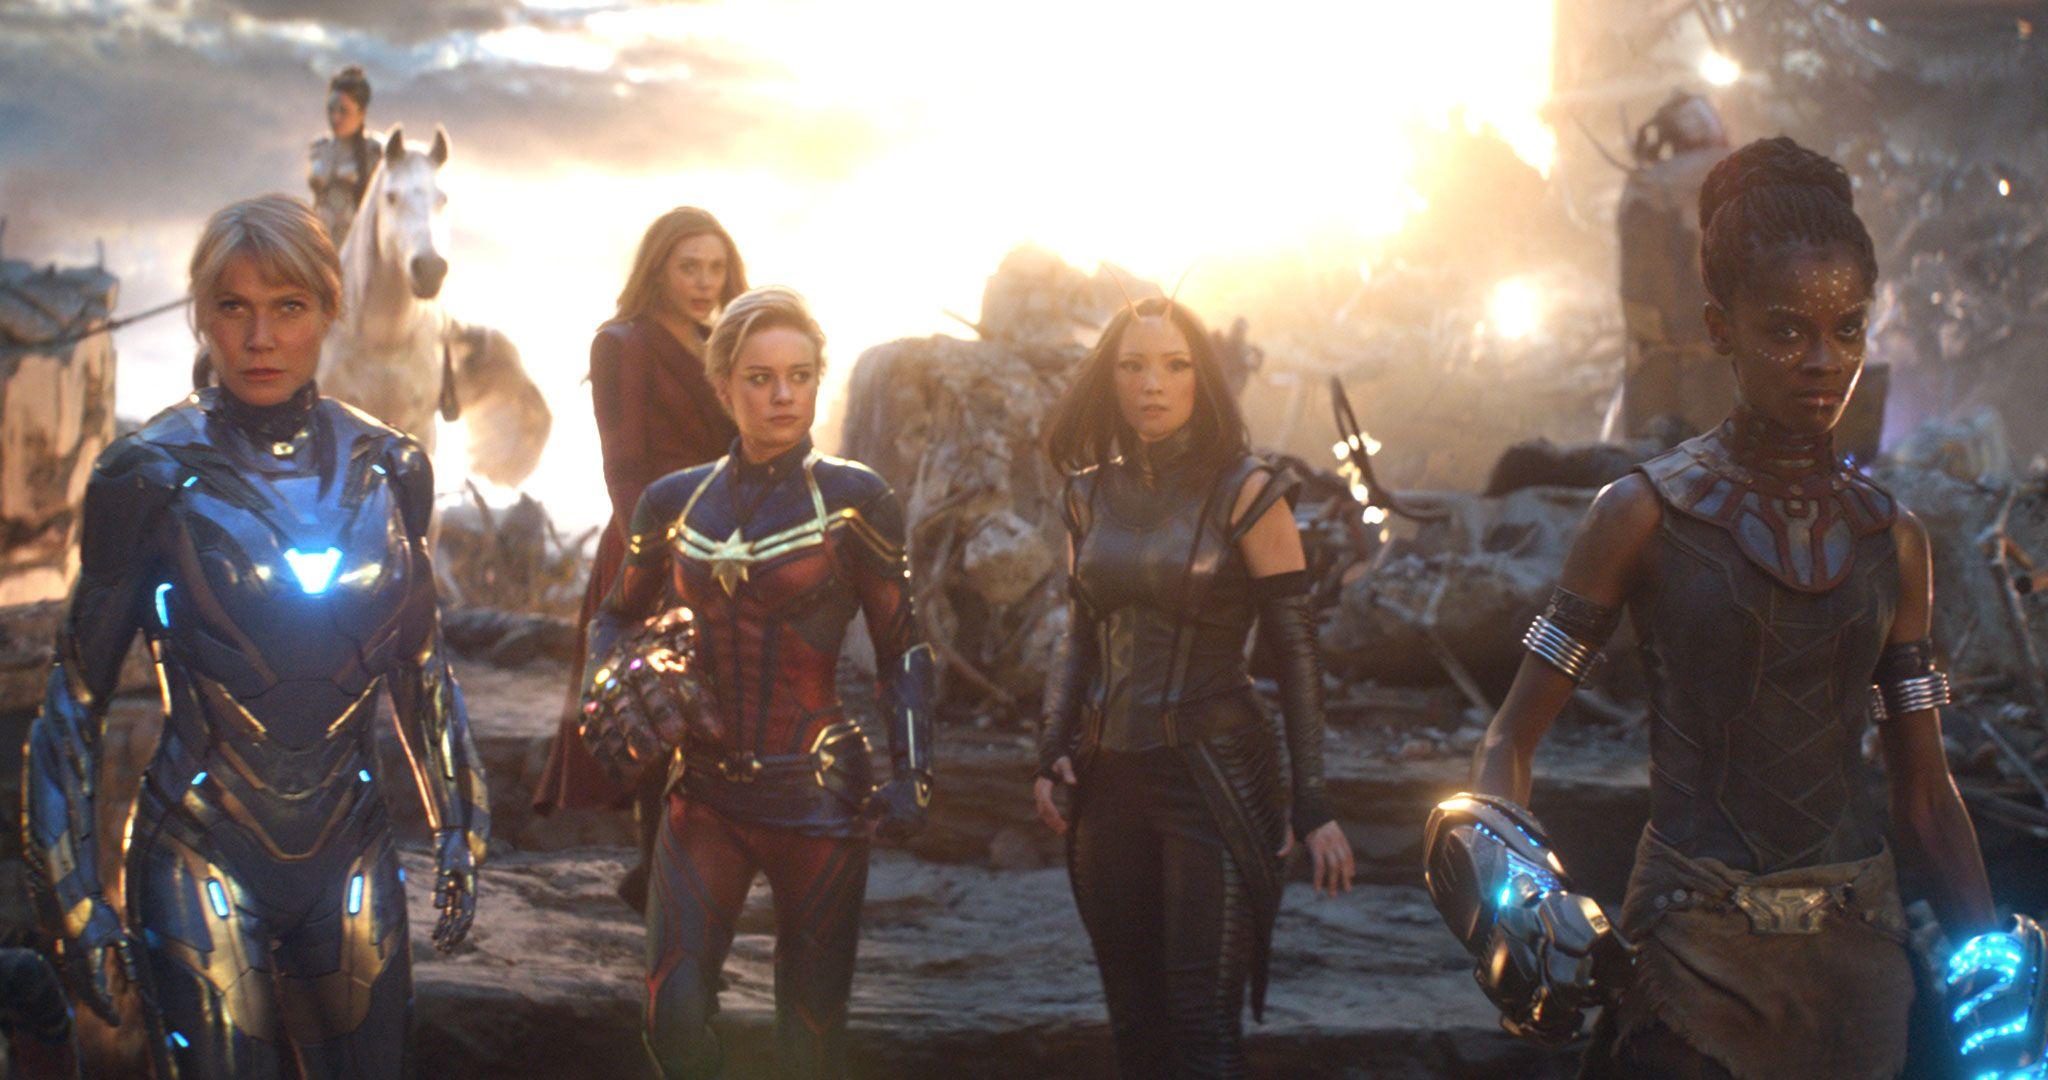 Captain Marvel Brie Larson Avengers Endgame